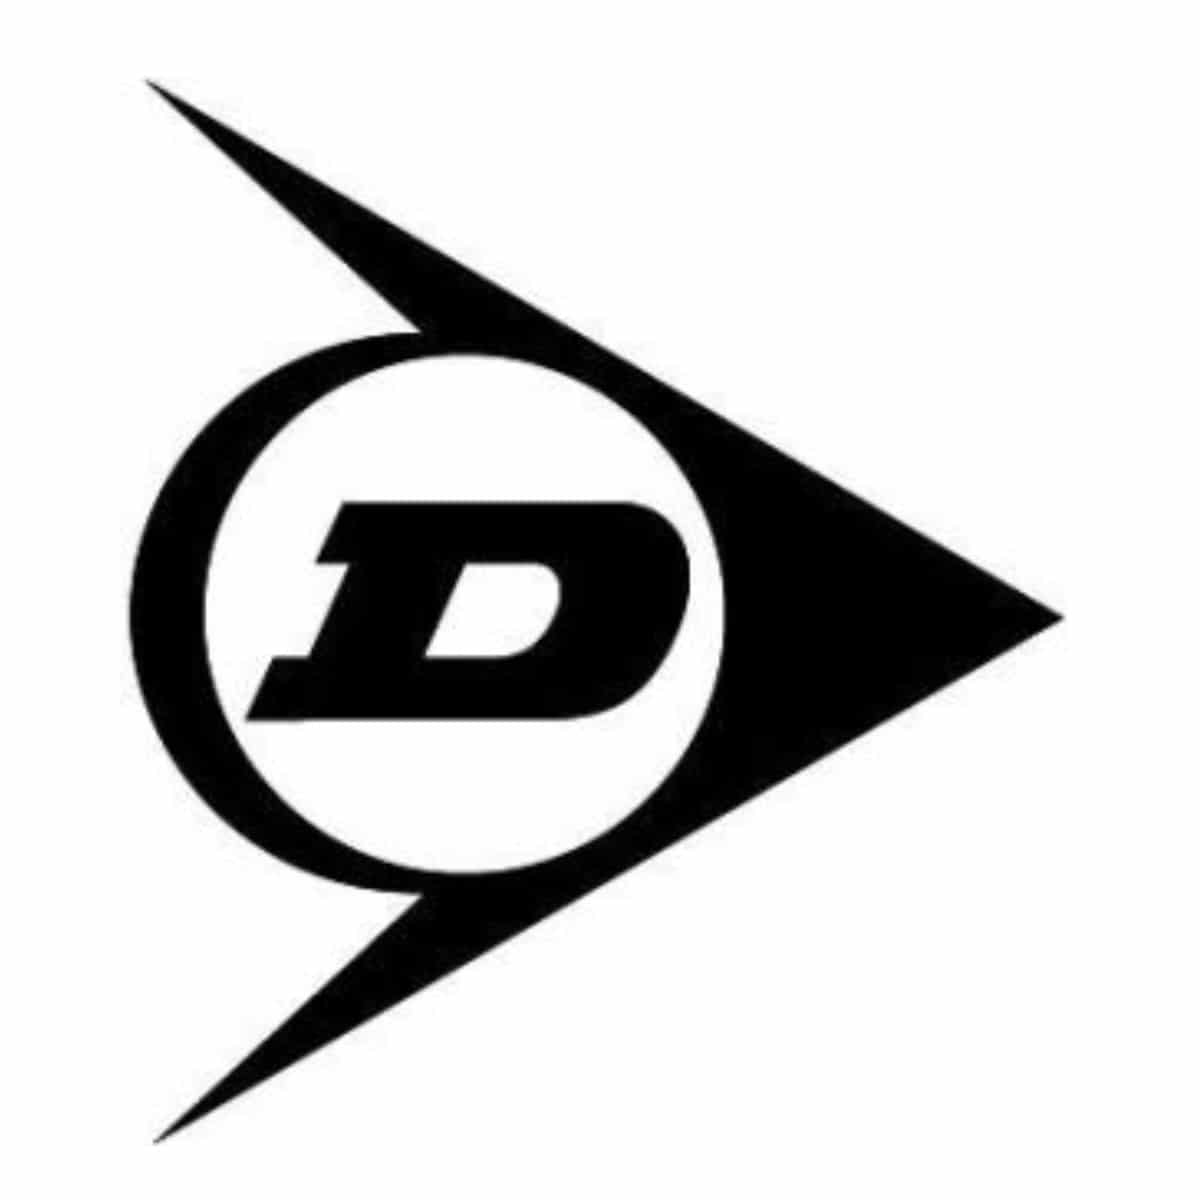 dunlop-logo2